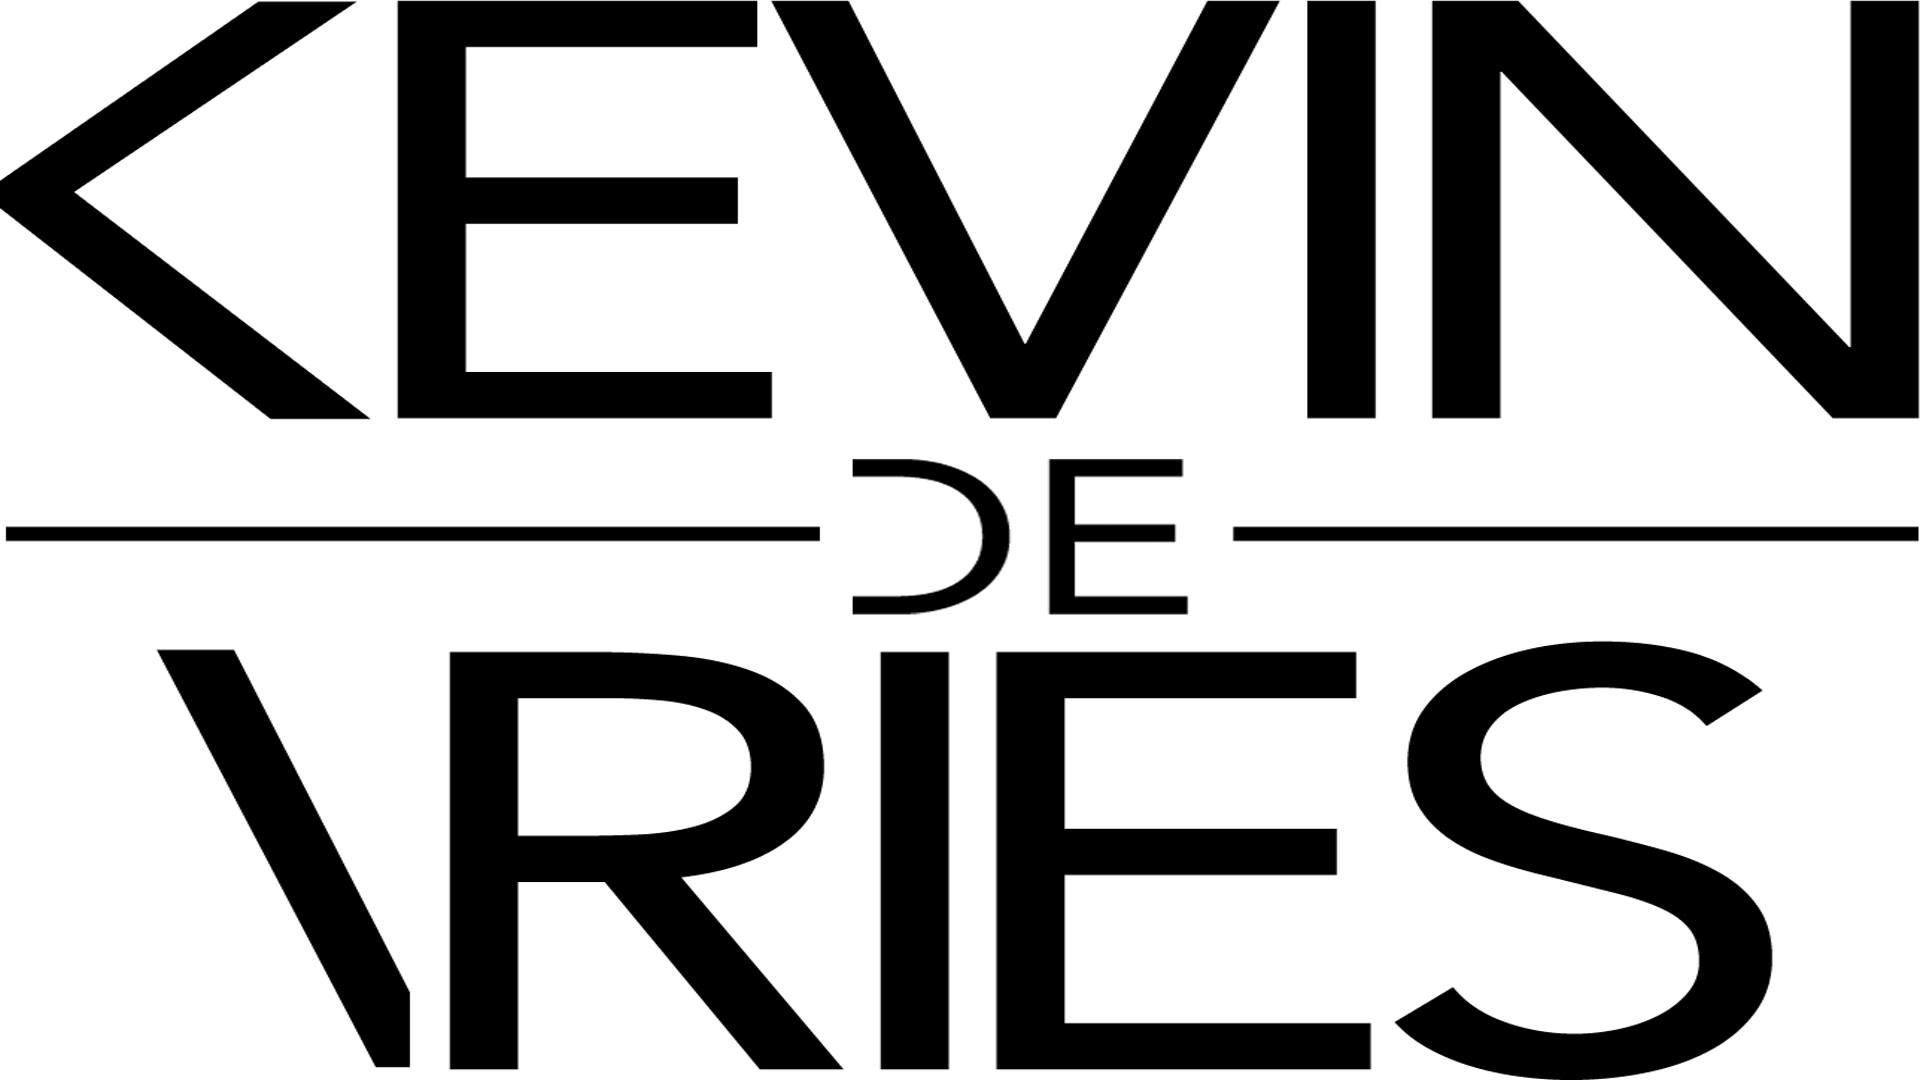 Belle Epoque! w/ Kevin De Vries, Edouard! & Moon